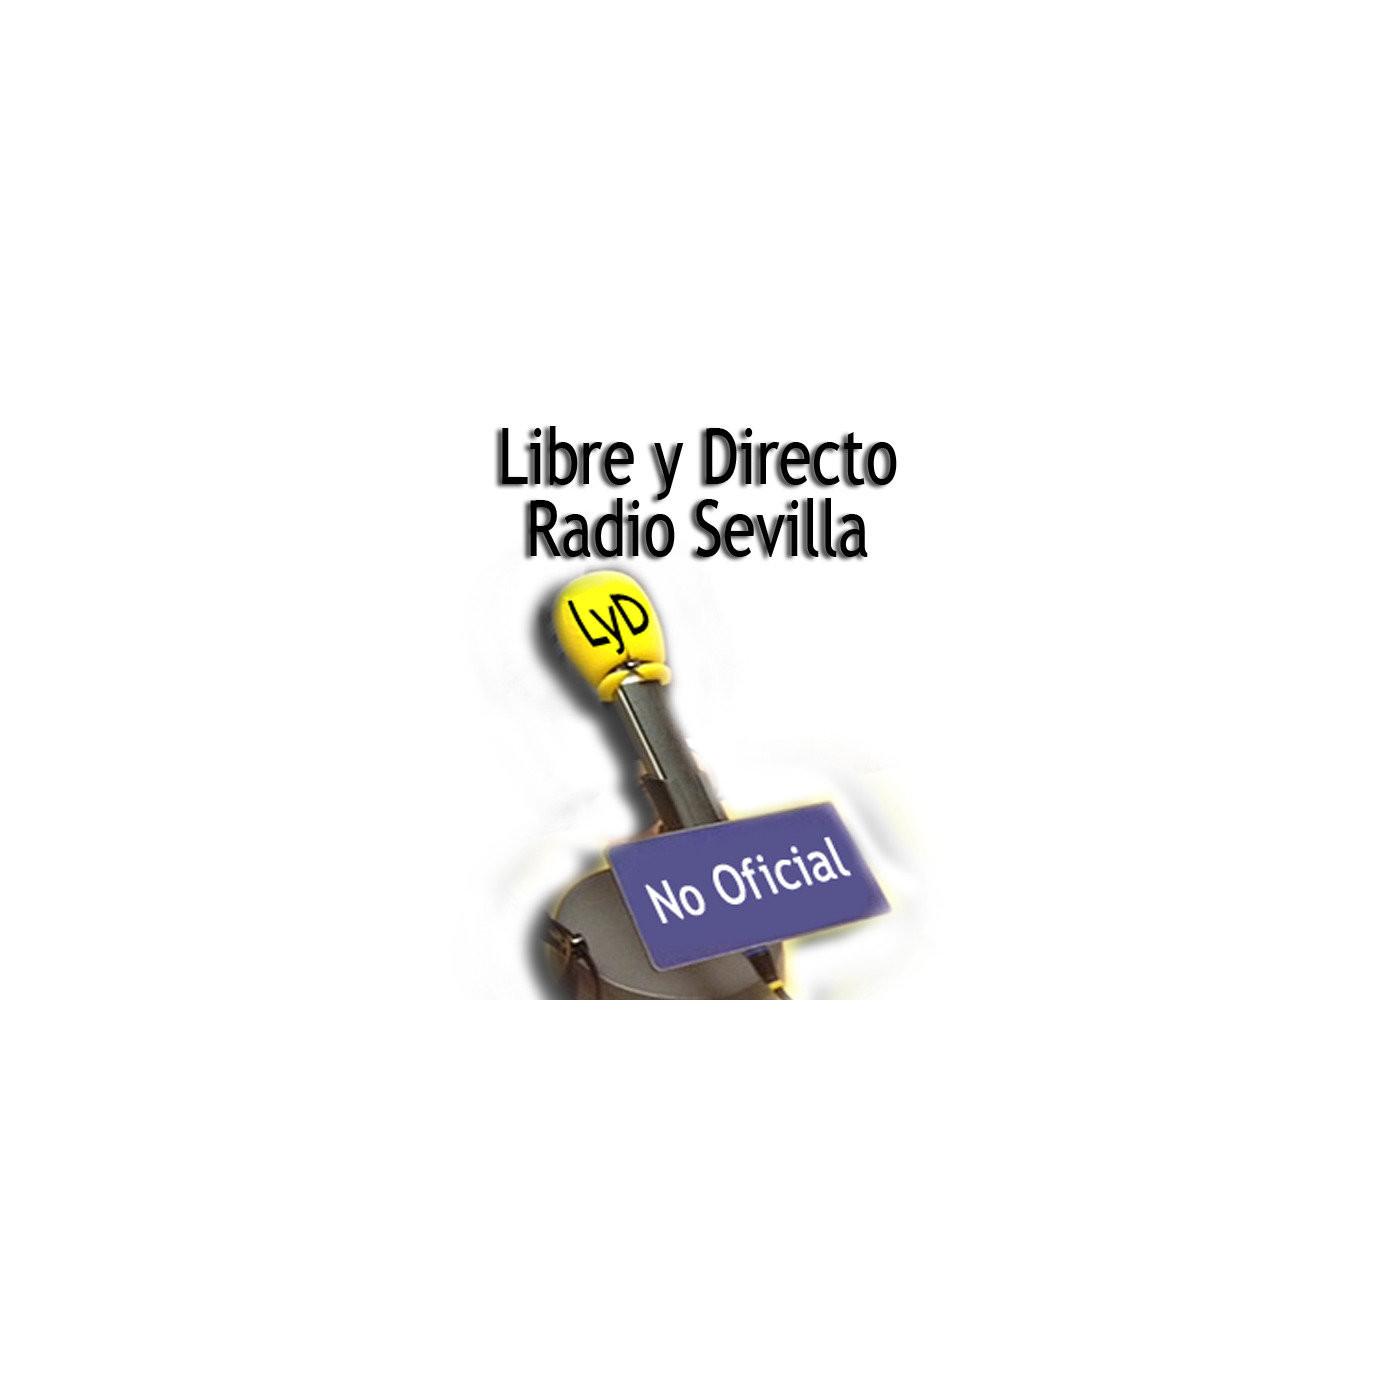 <![CDATA[Libre y Directo (no oficial)]]>